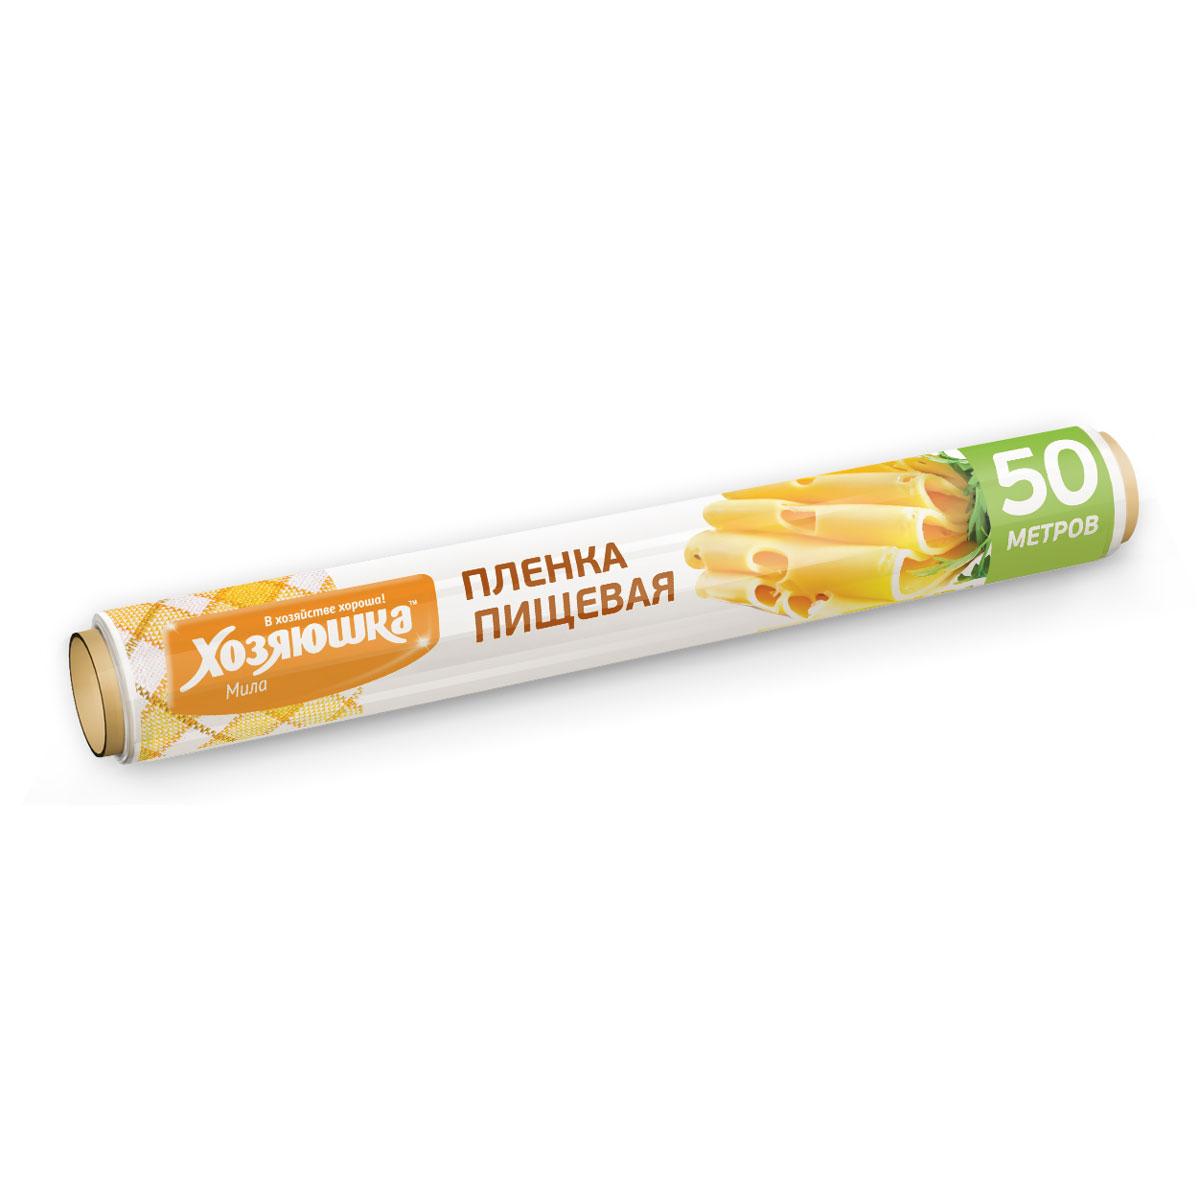 Пленка пищевая Хозяюшка Мила, 50 м09032Пищевая пленка Хозяюшка Мила, изготовленная из пищевого полиэтилена, позволяет увеличить срок хранения продуктов, предотвращает смешивание запахов в холодильнике, высыхание продуктов, обеспечивает эстетический вид продуктов, подходит для заворачивания школьных завтраков, бутербродов.Длина пленки: 50 м.